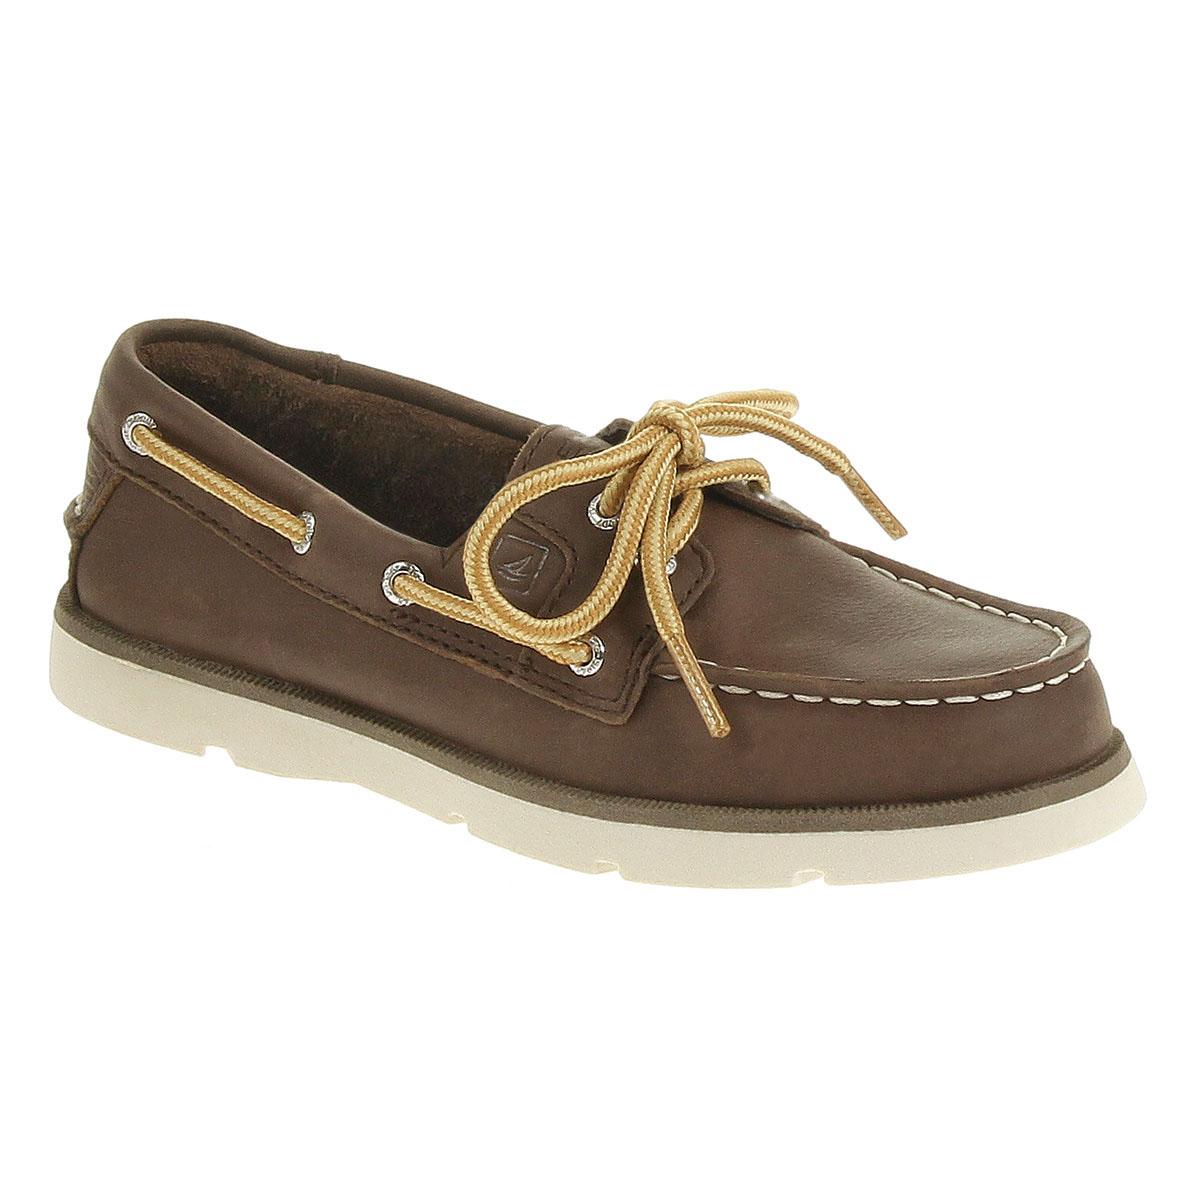 Leeward Boat Shoe Sperry Boys